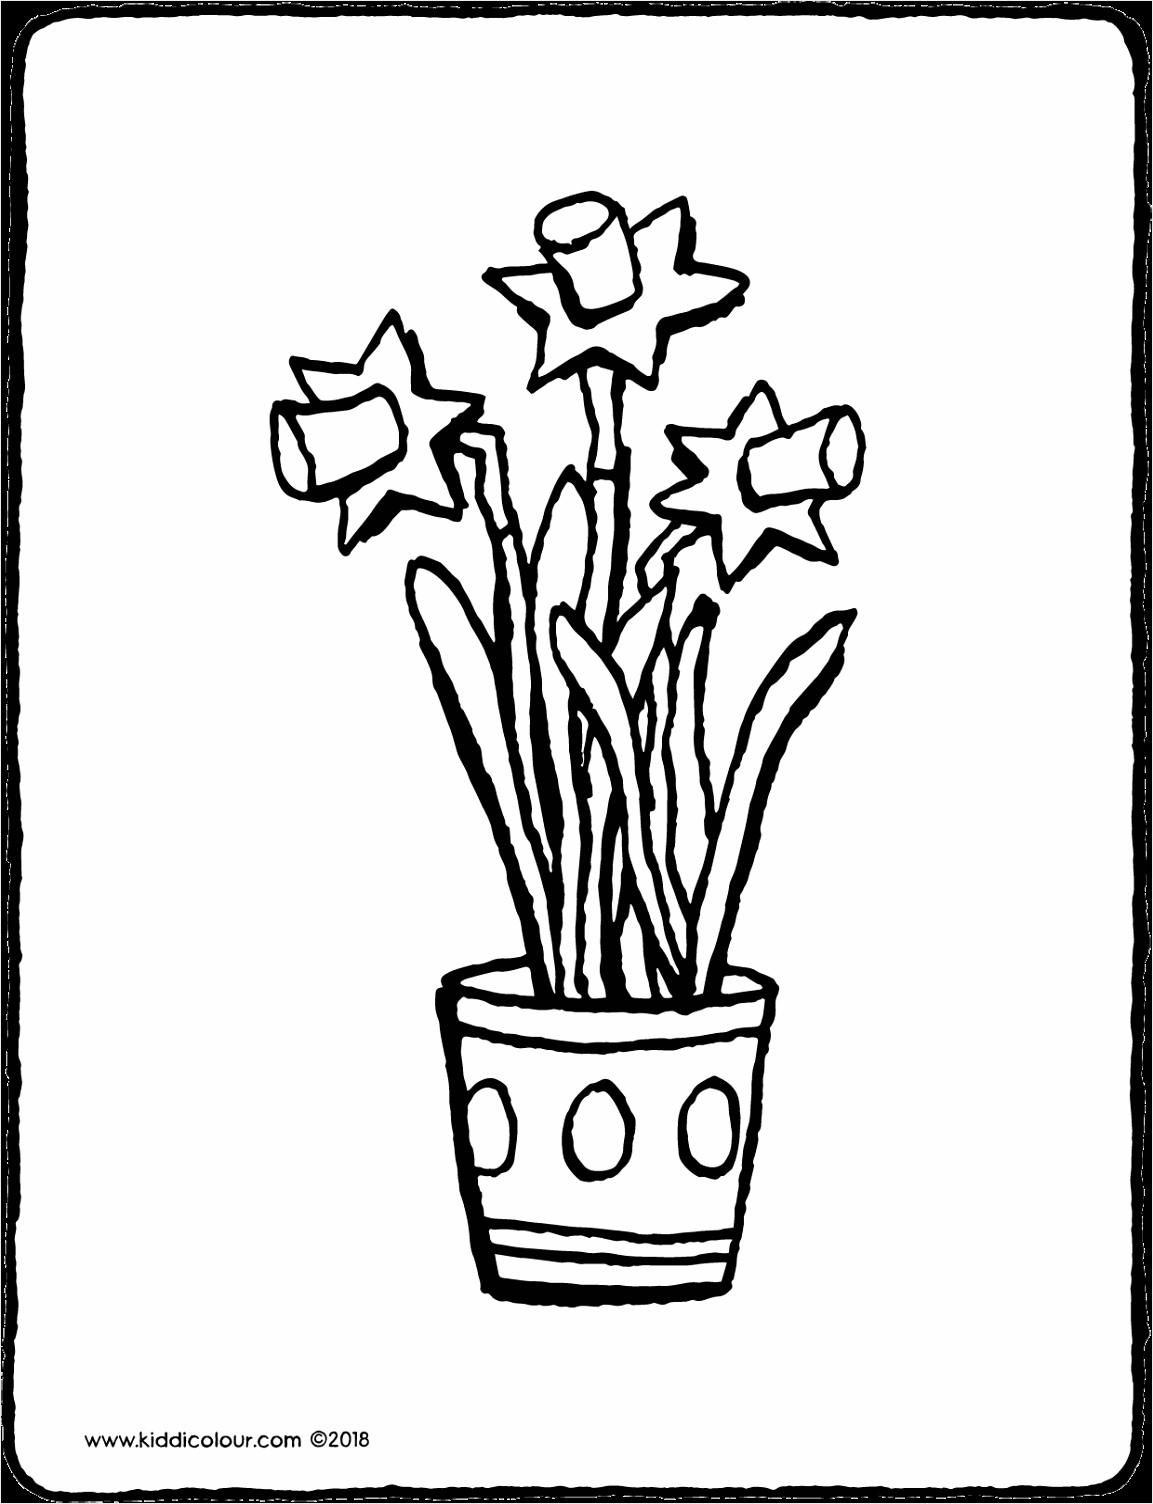 paasbloemen in bloempot narcissen kleurprent kleurplaat tekening 01V iuiou